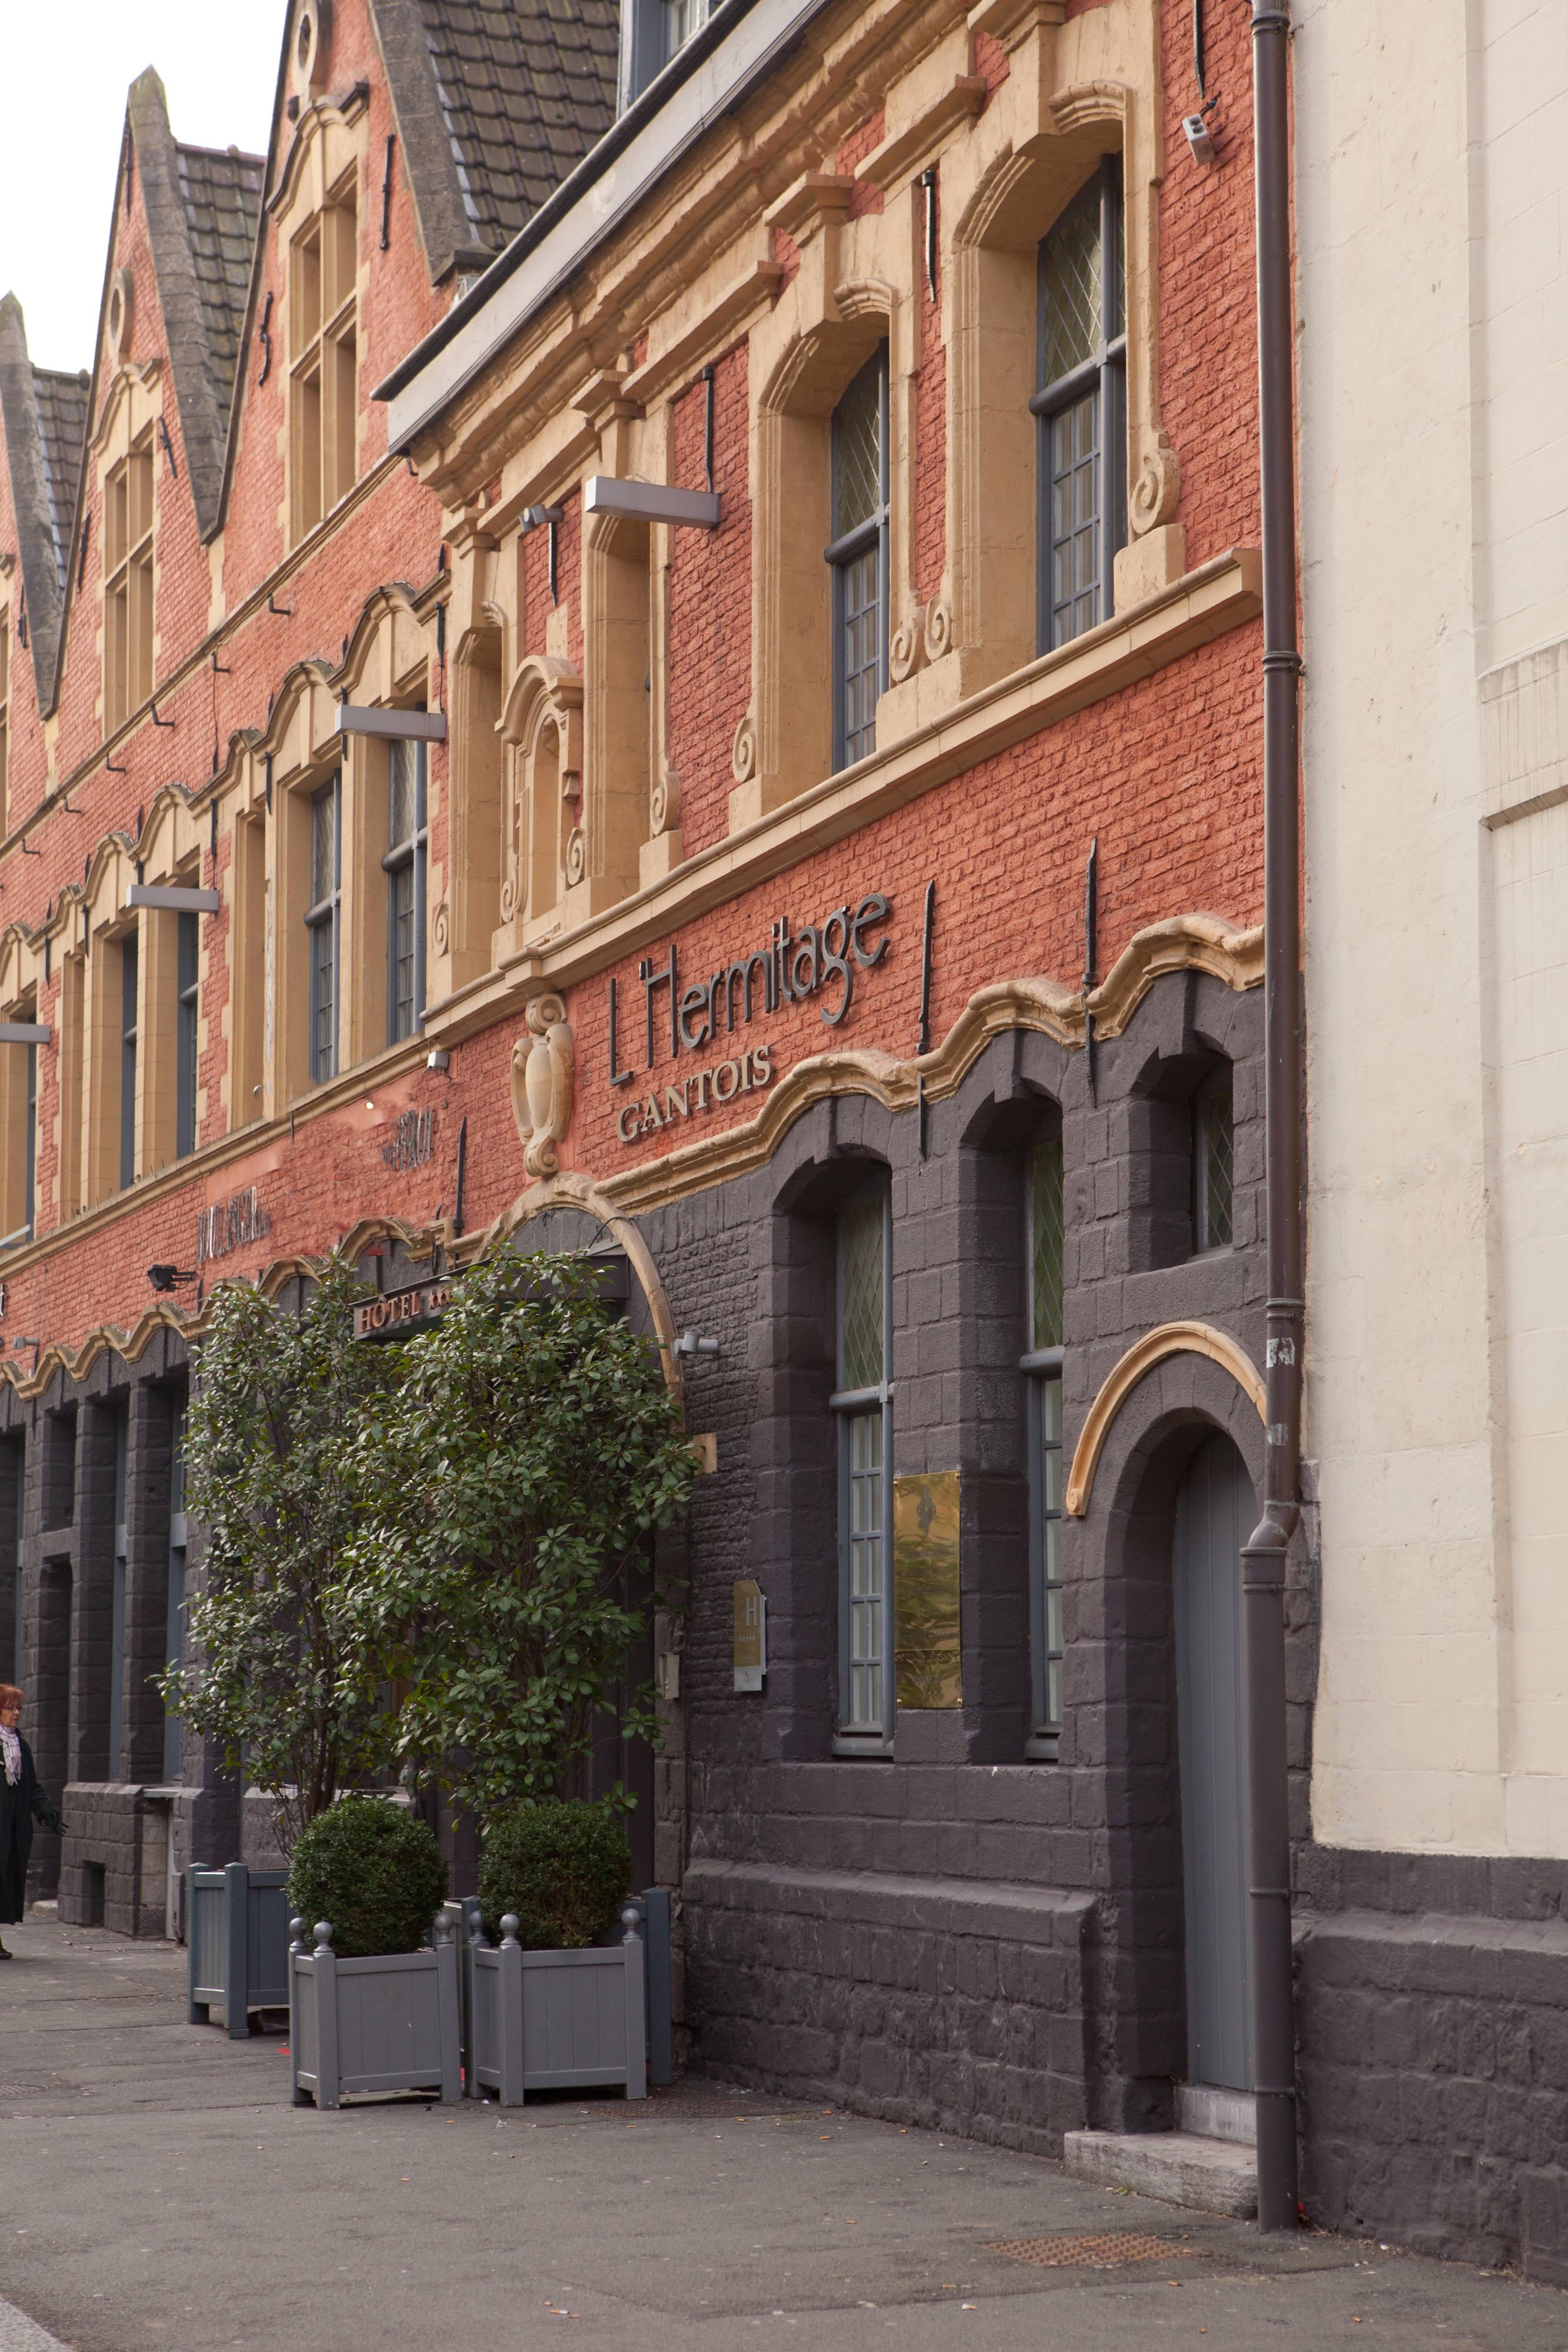 Façade de l'hôtel Hermitage Gantois, à Lille